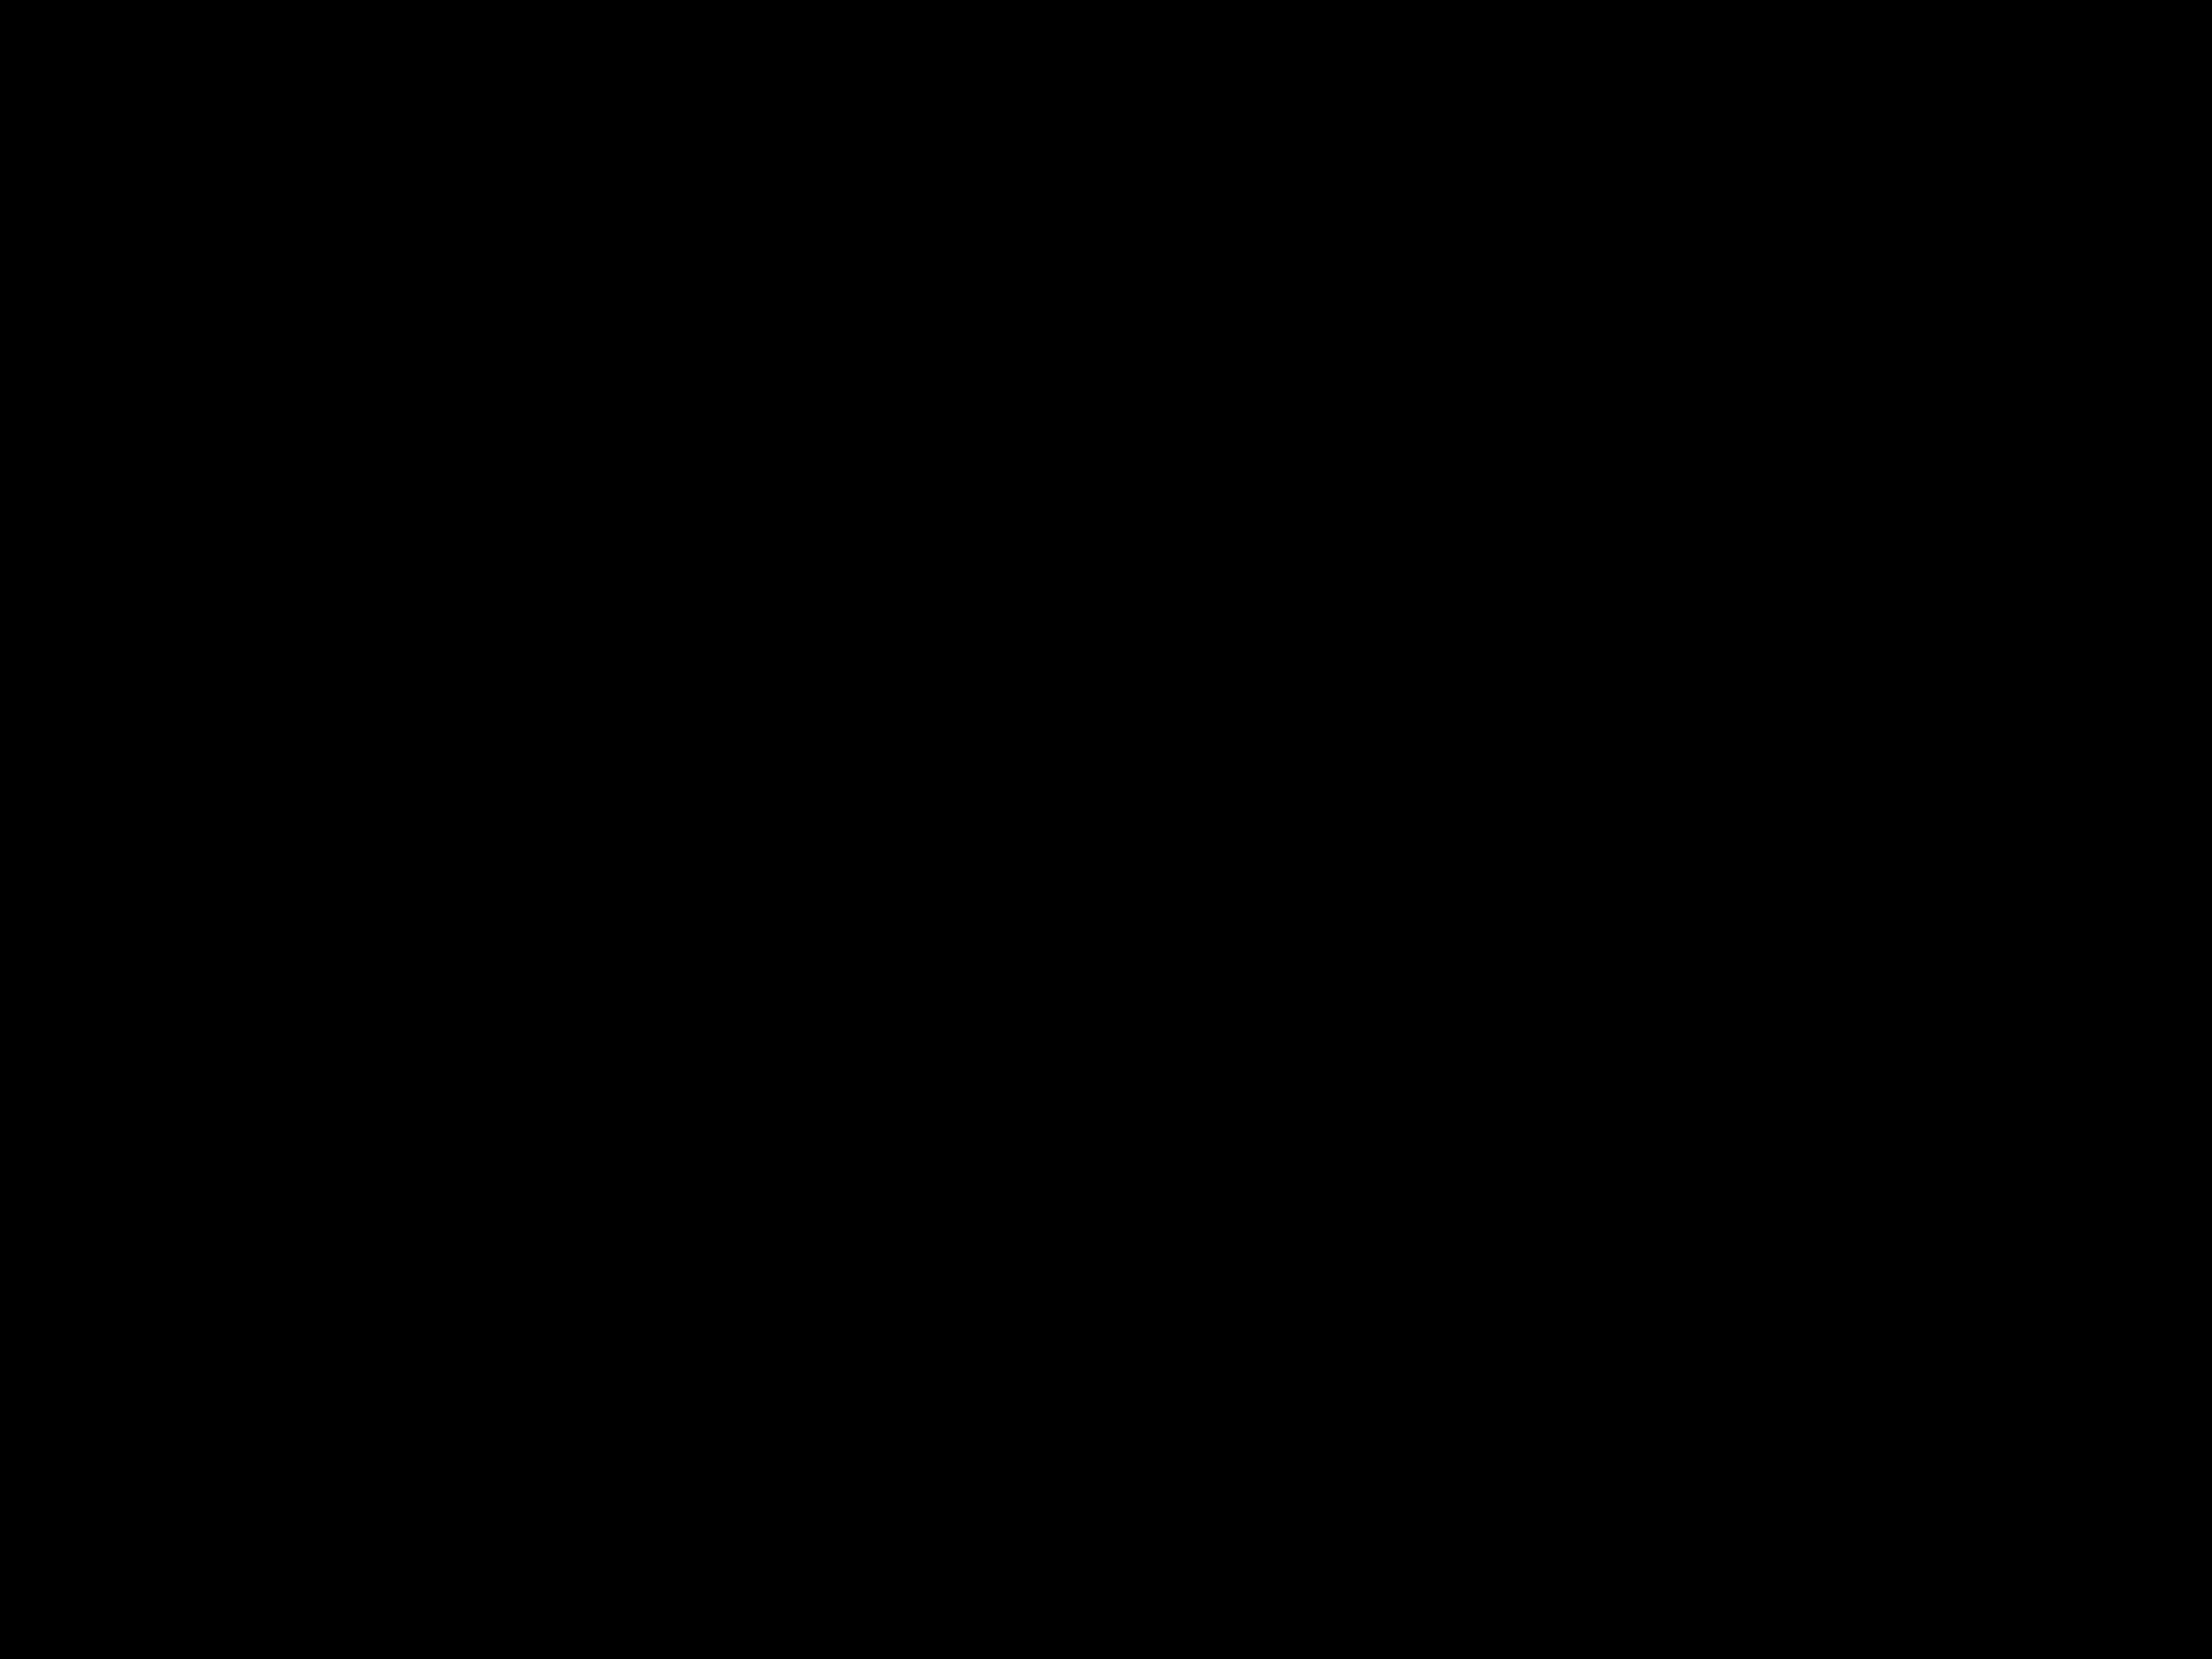 Vorlage eule vogel tiere applikationen - Vogel vorlage ...